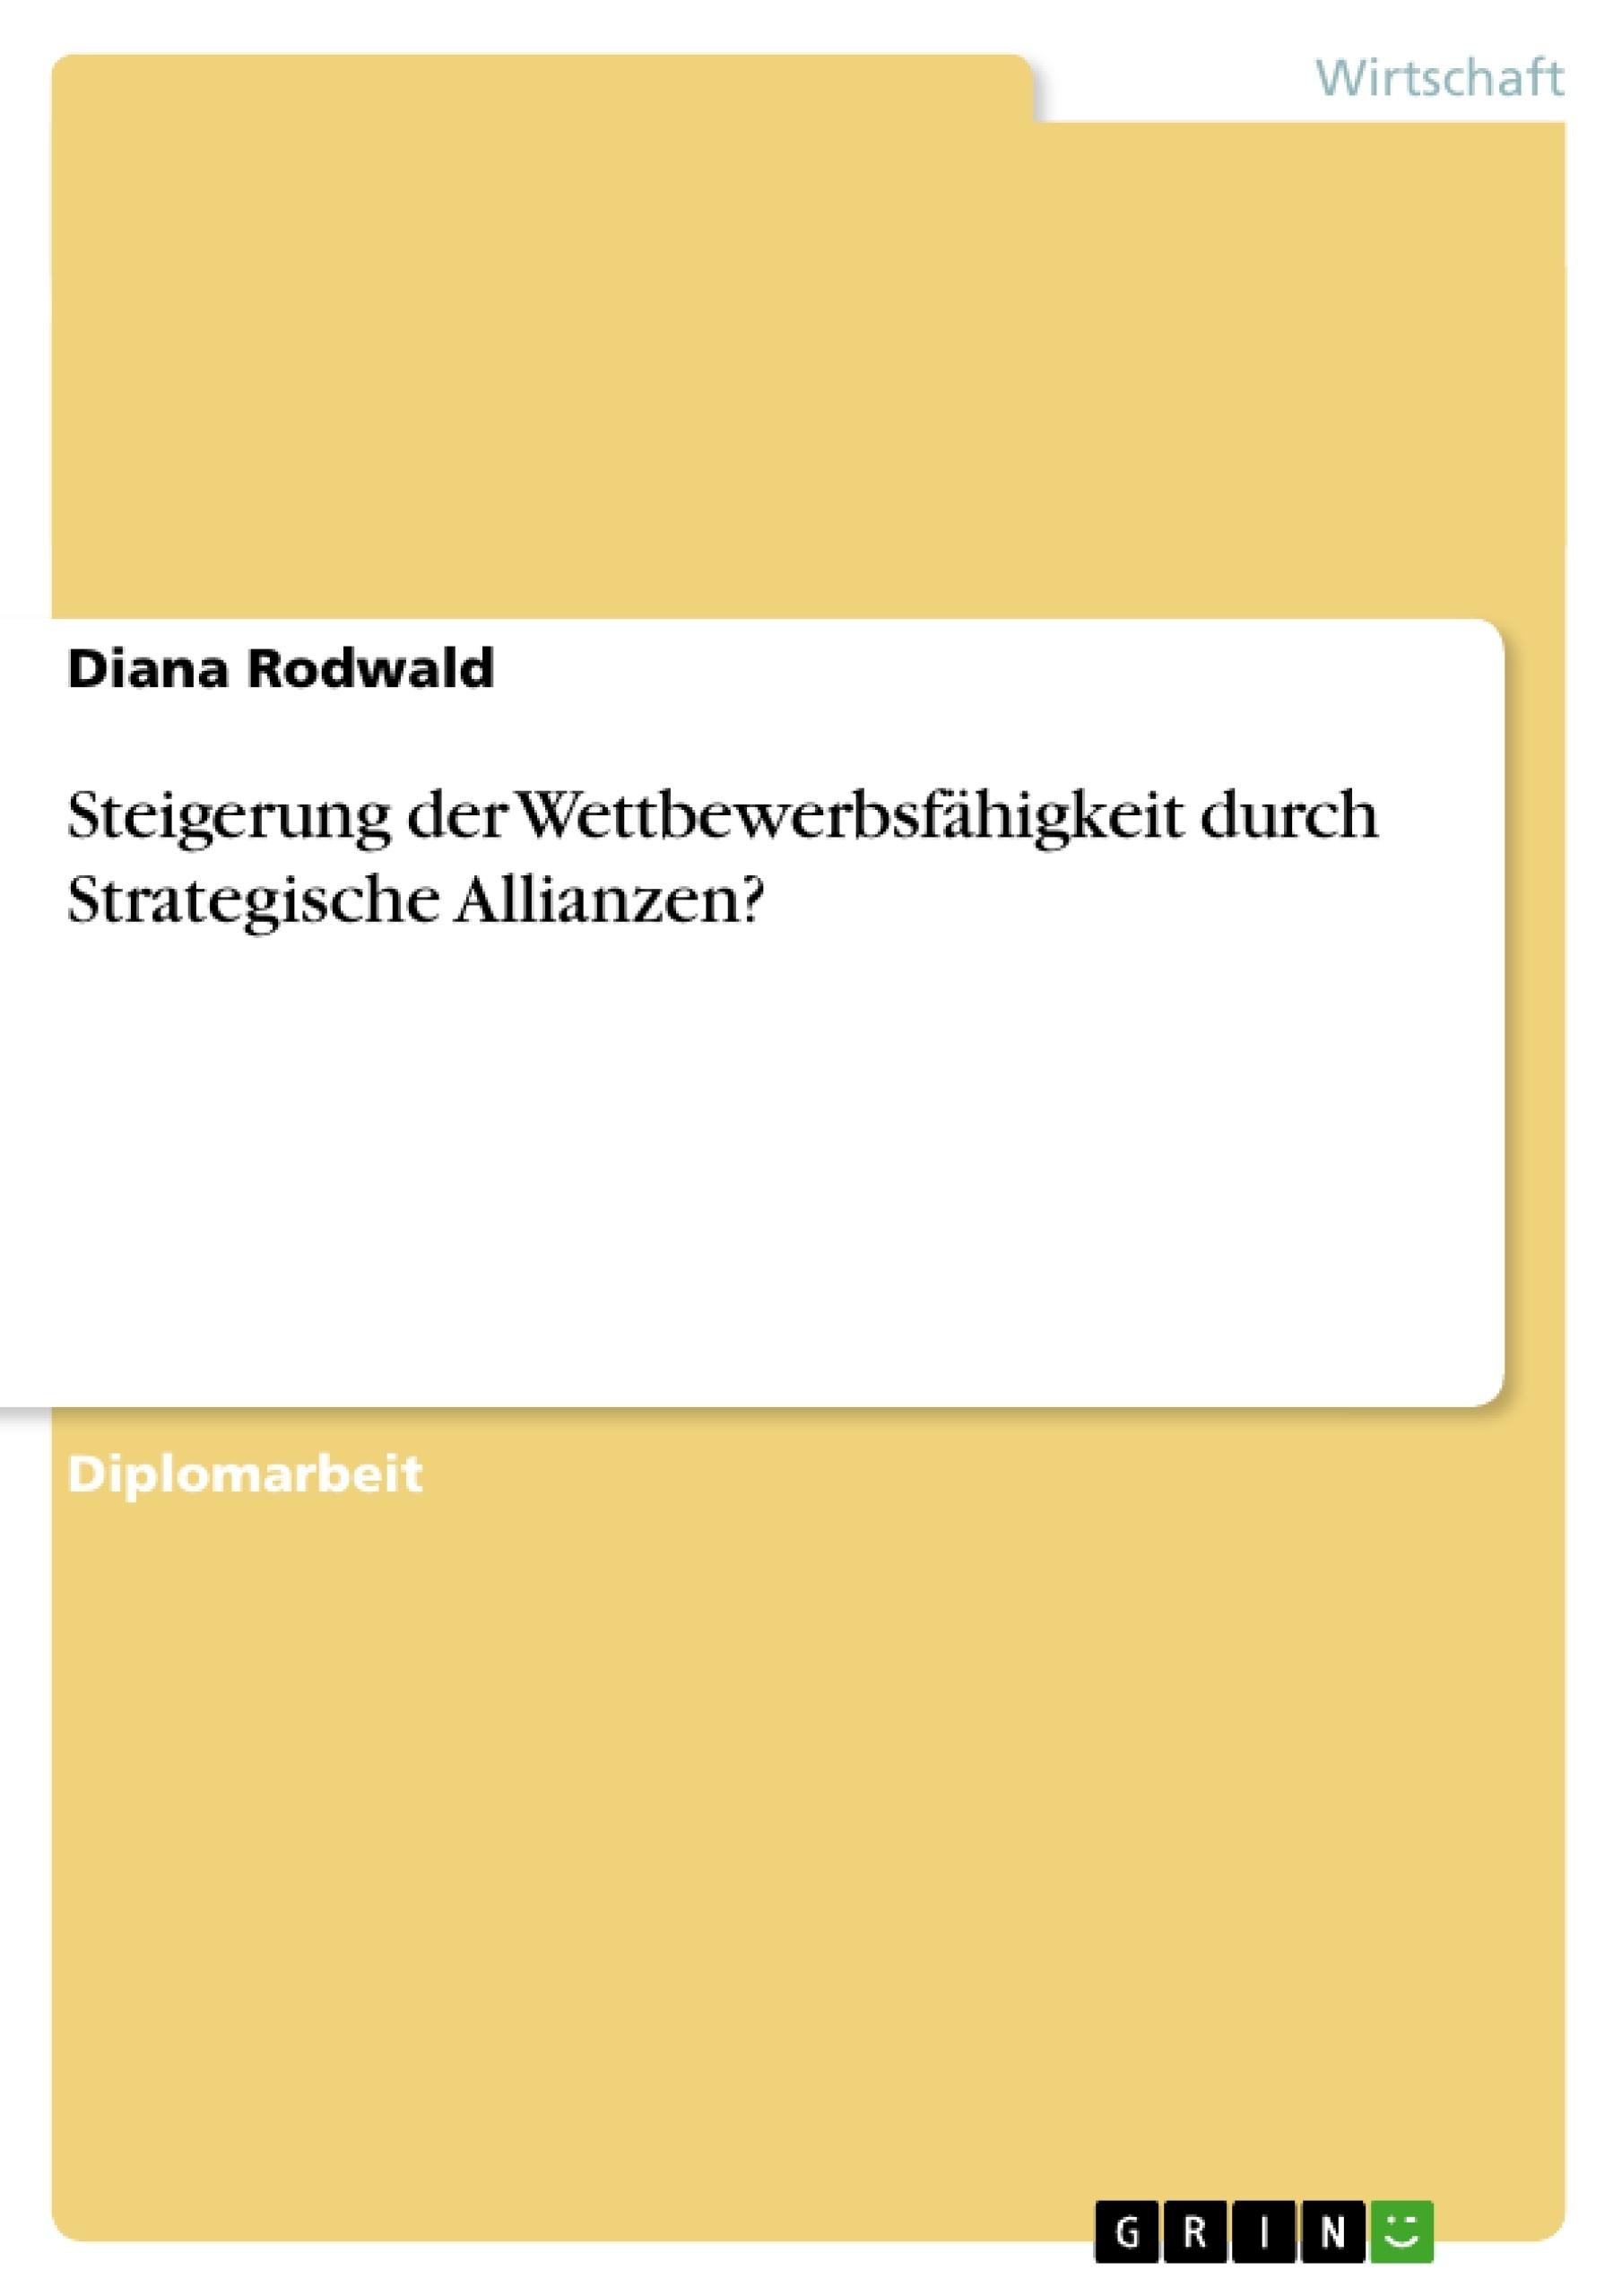 Titel: Steigerung der Wettbewerbsfähigkeit durch Strategische Allianzen?